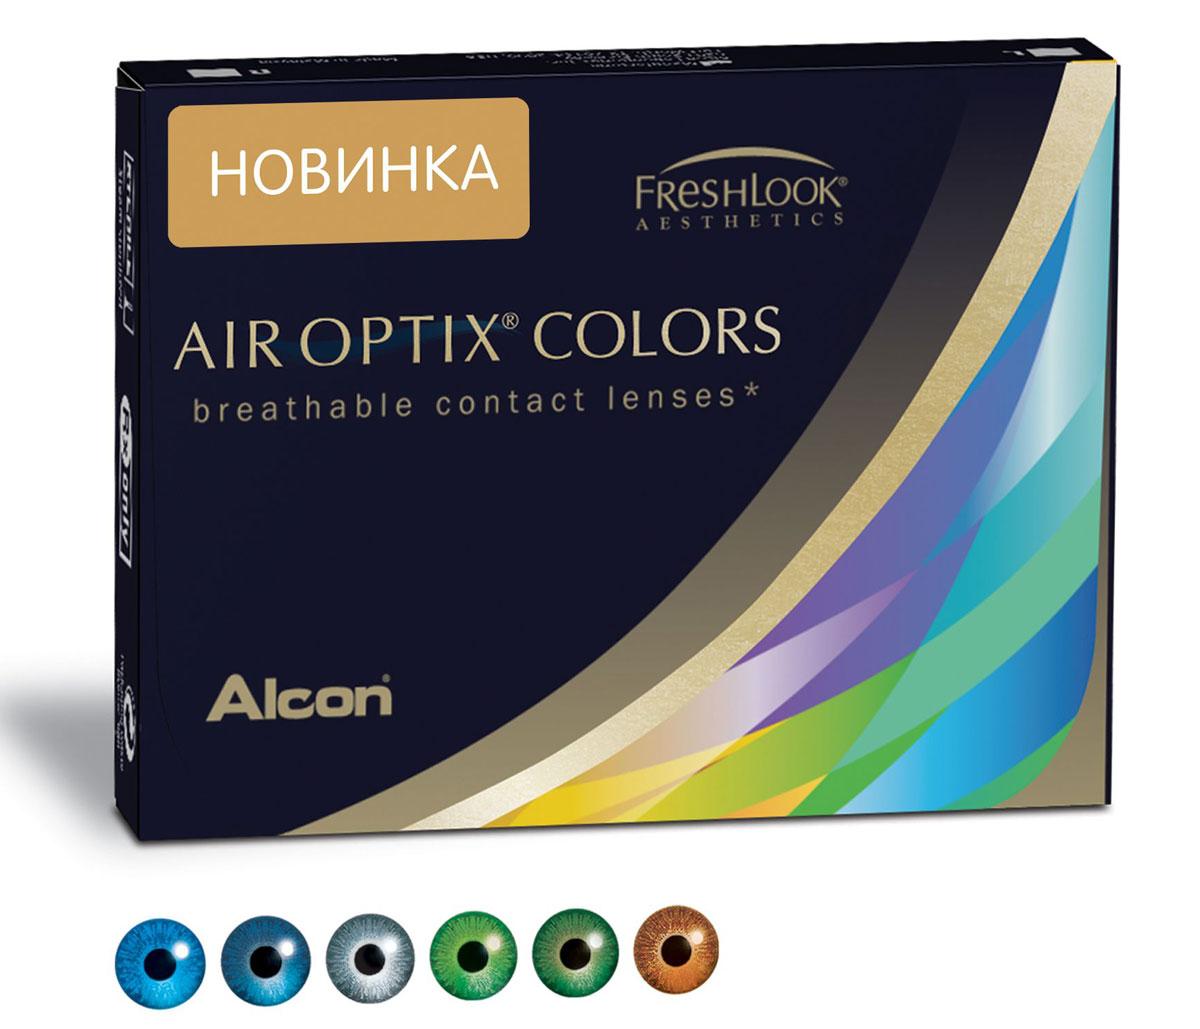 Аlcon контактные линзы Air Optix Colors 2 шт -4.50 GreenФМ000000199Мягкие контактные линзыКонтактные линзы или очки: советы офтальмологов. Статья OZON Гид